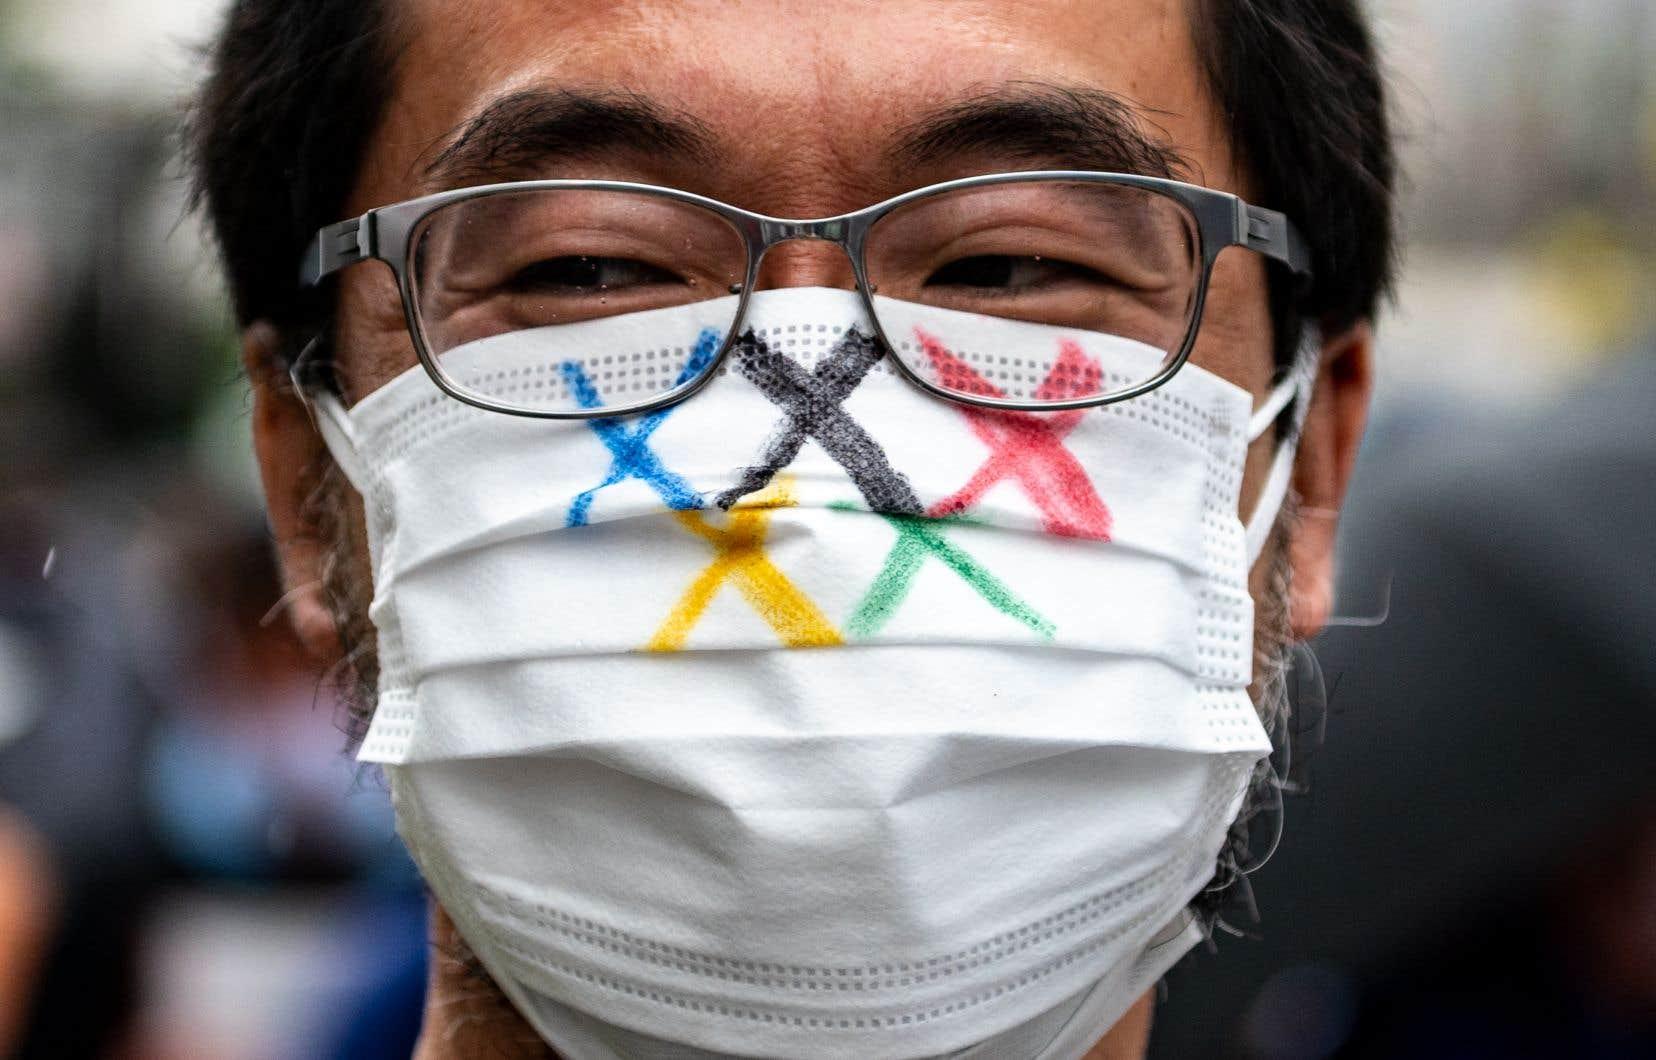 La décision d'autoriser les spectateurs va à l'encontre de nombreux experts médicaux qui ont déclaré que les Jeux olympiques les plus sécuritaires seraient sans spectateurs en raison du coronavirus.